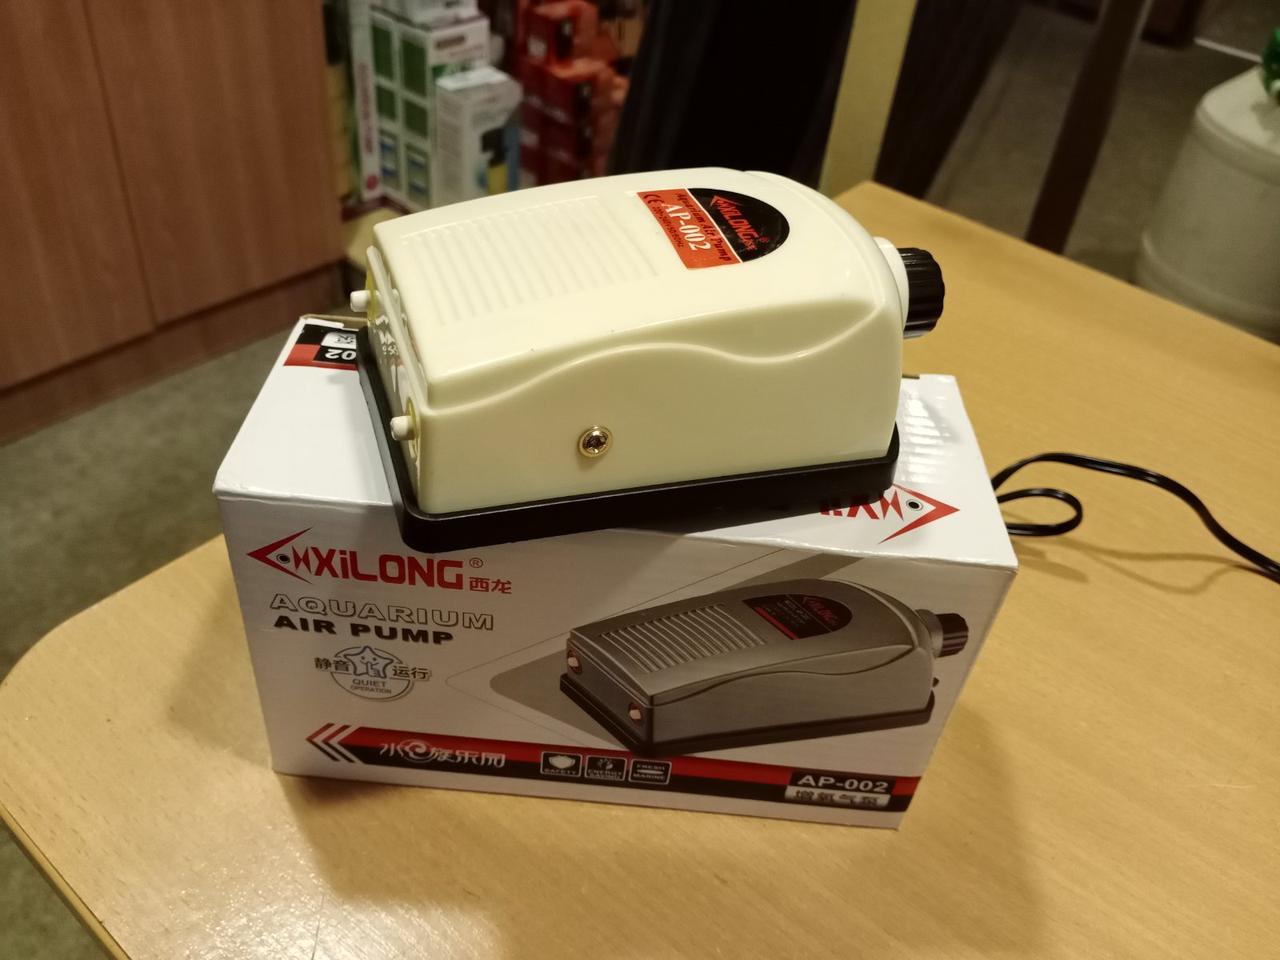 Двухканальный компрессор для аквариума Xilong AP-002 (до 150 л) с плавной регулировкой